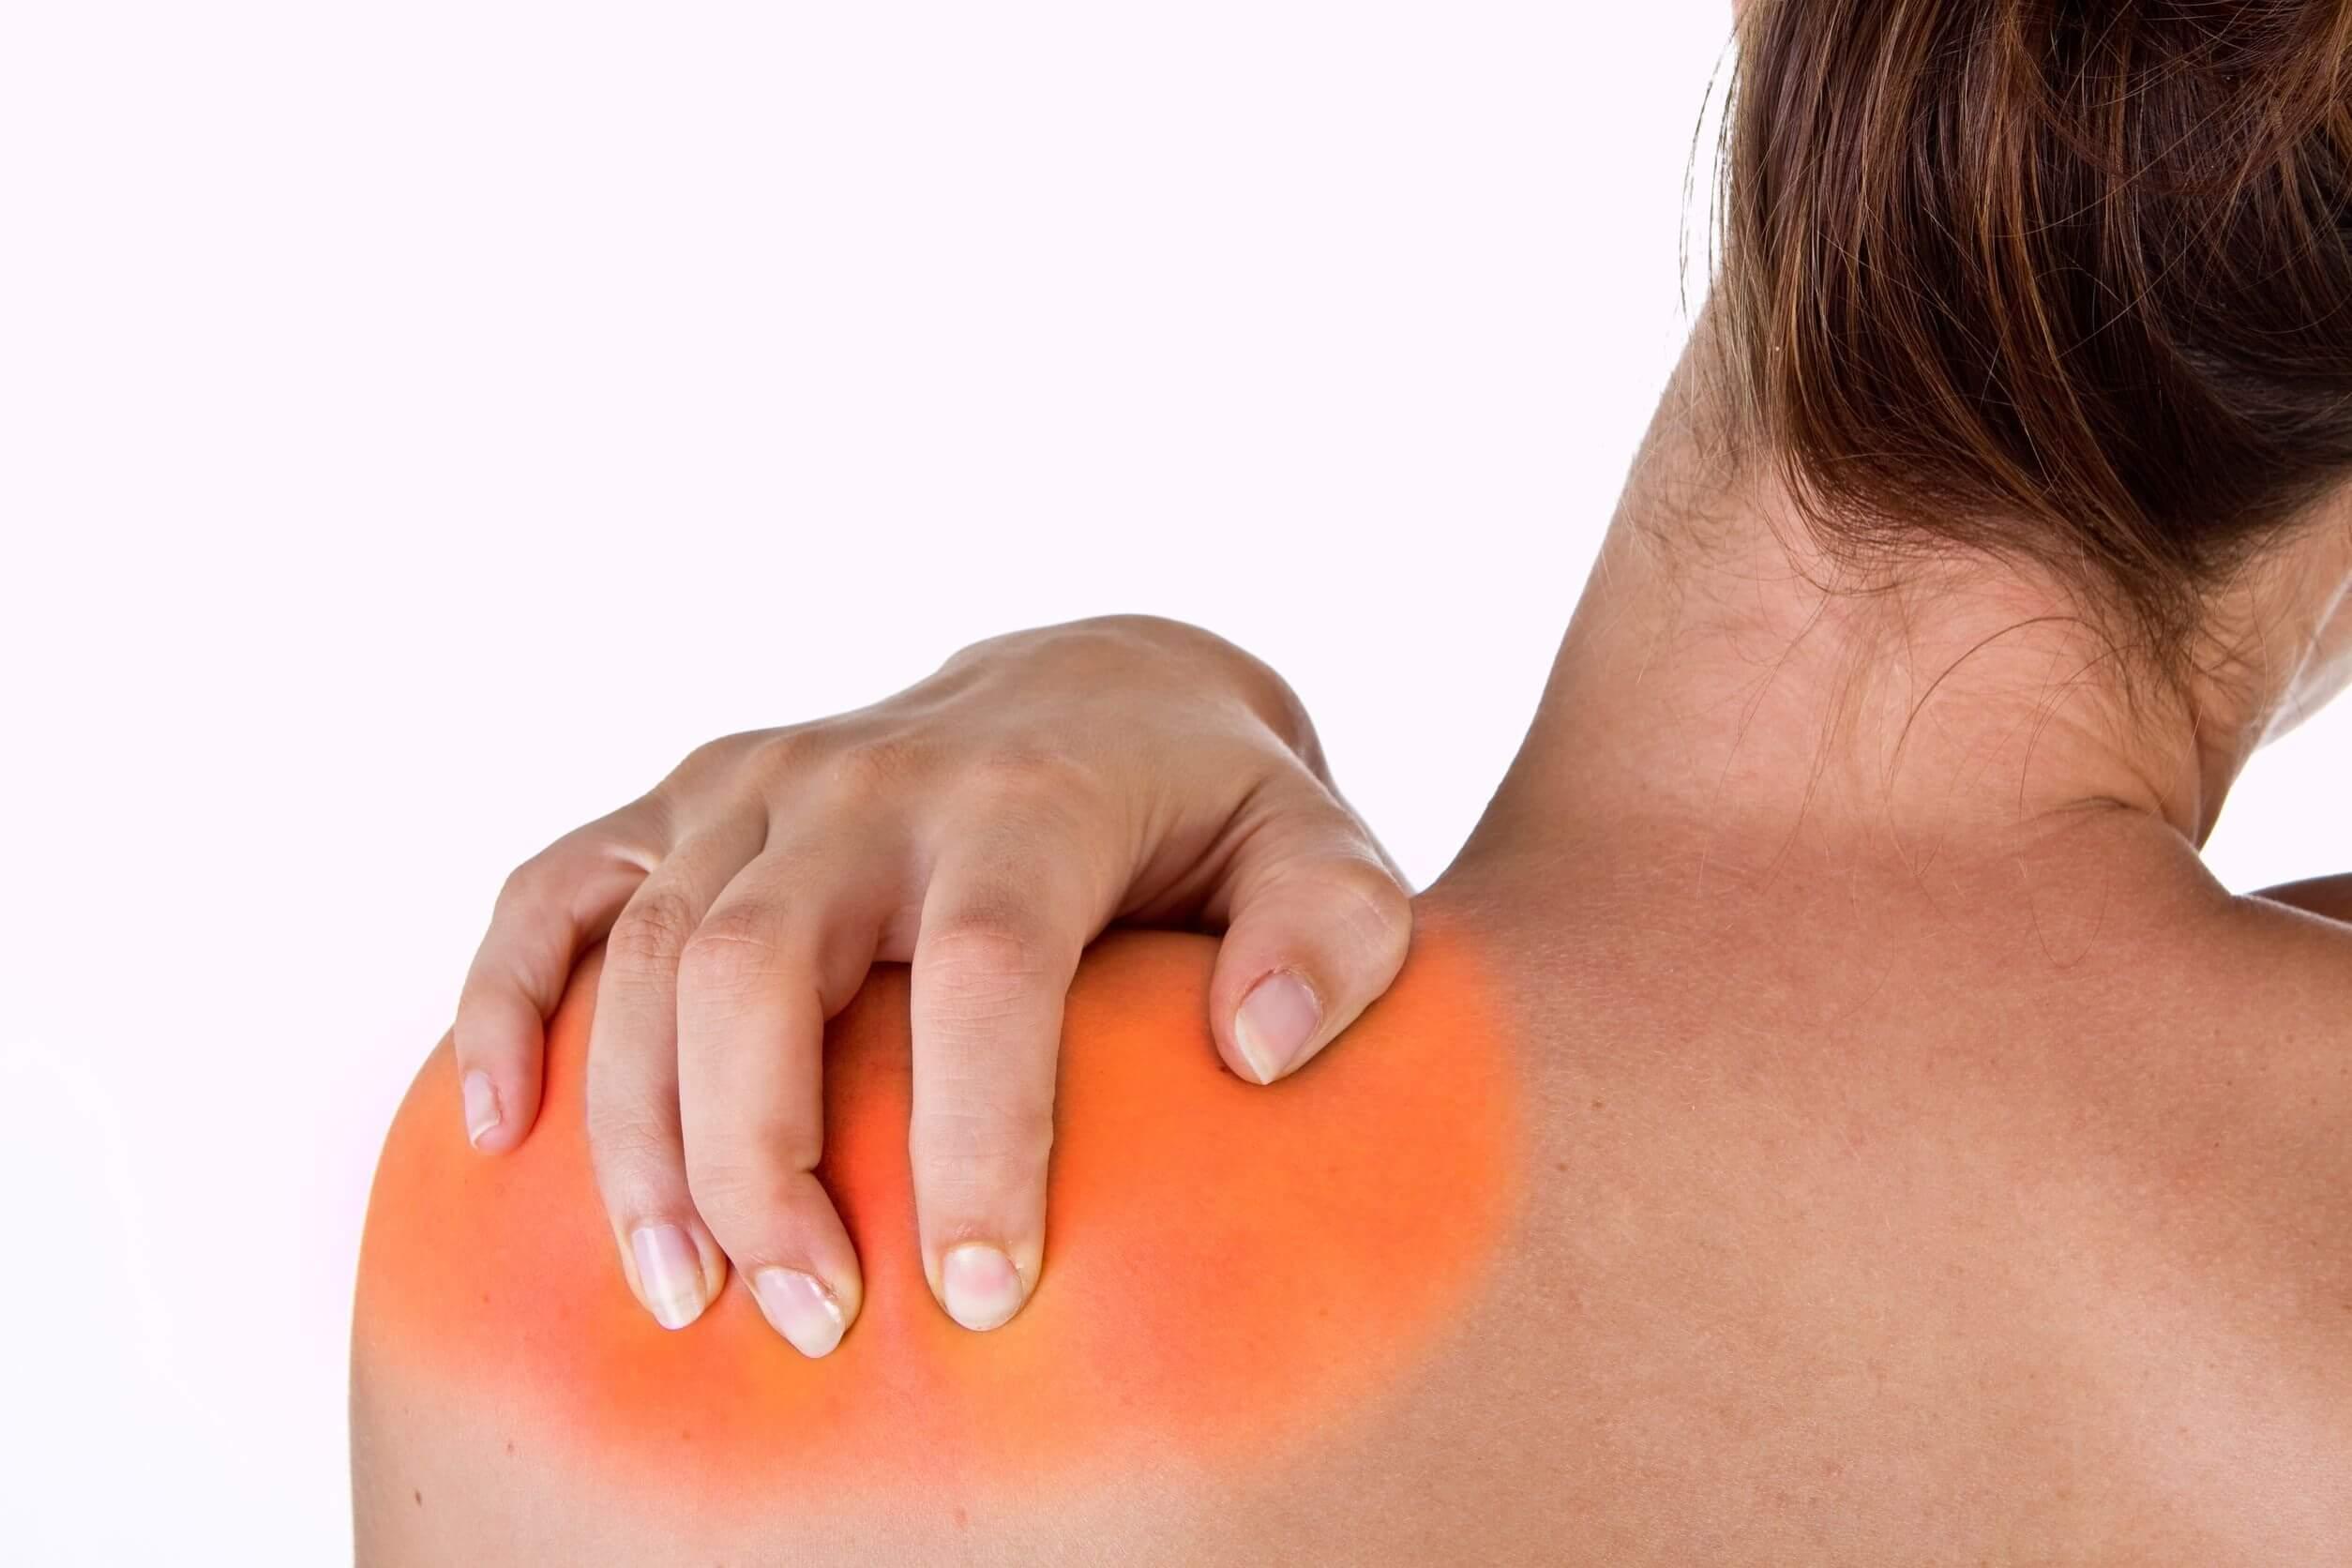 Артрит плечевого сустава: причины, симптомы, лечение и диета 10